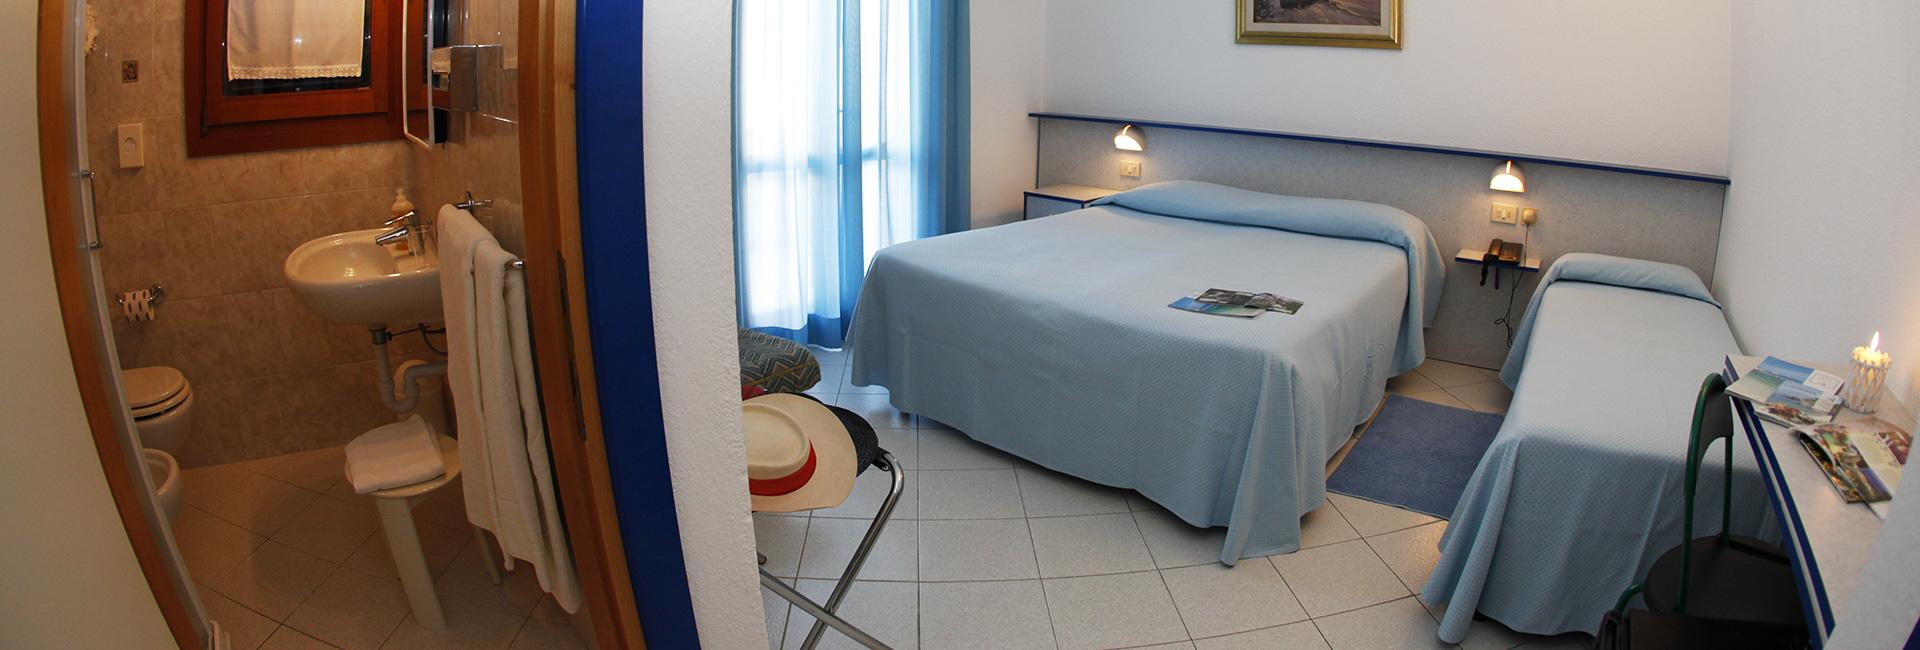 Camera Fetovaia Hotel Galli